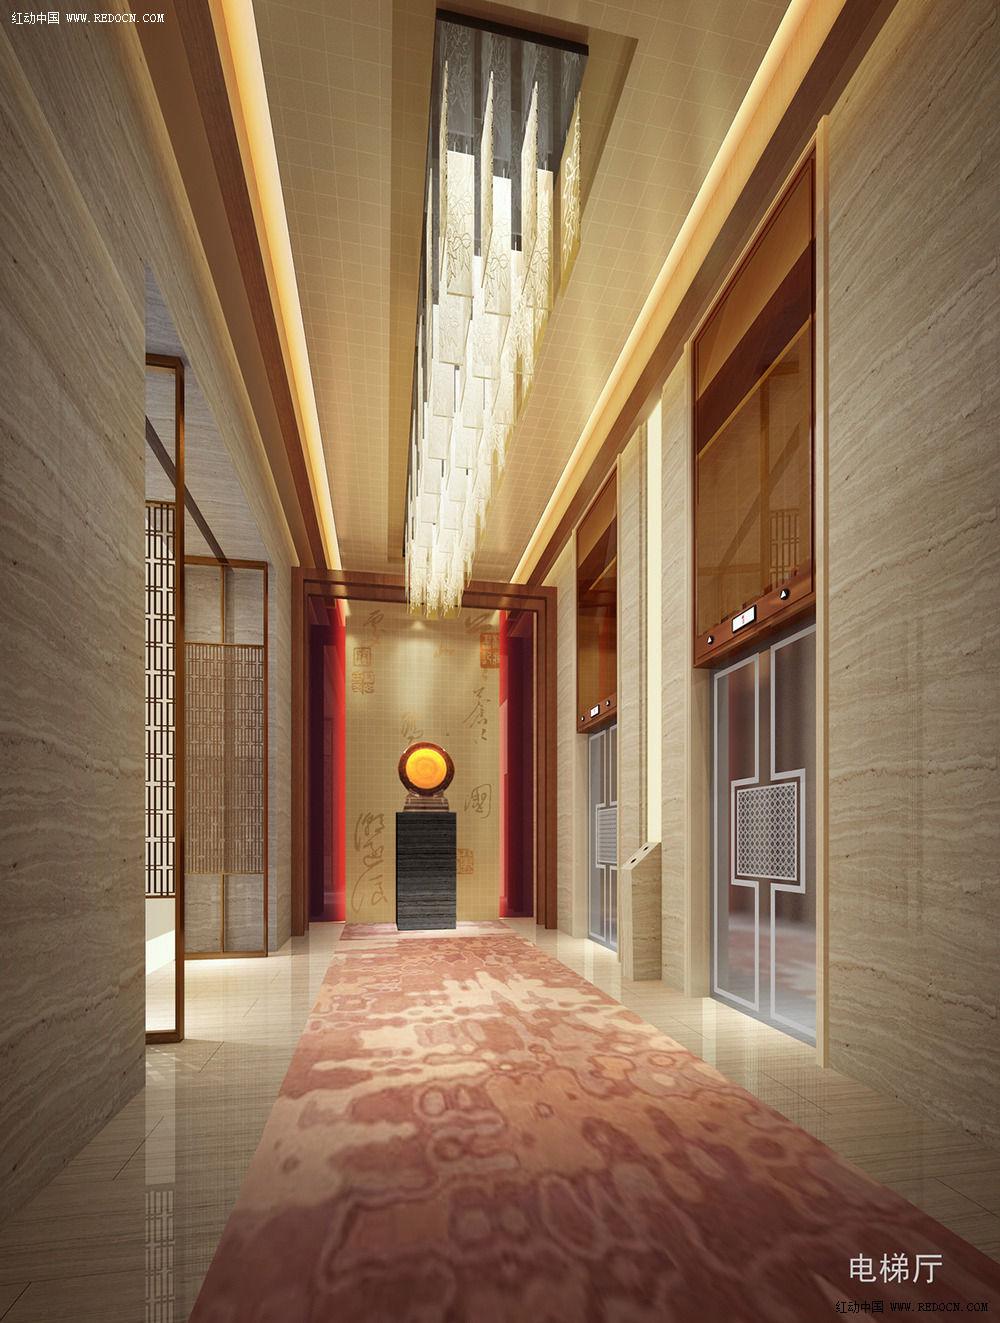 3 南康酒店-电梯厅.jpg